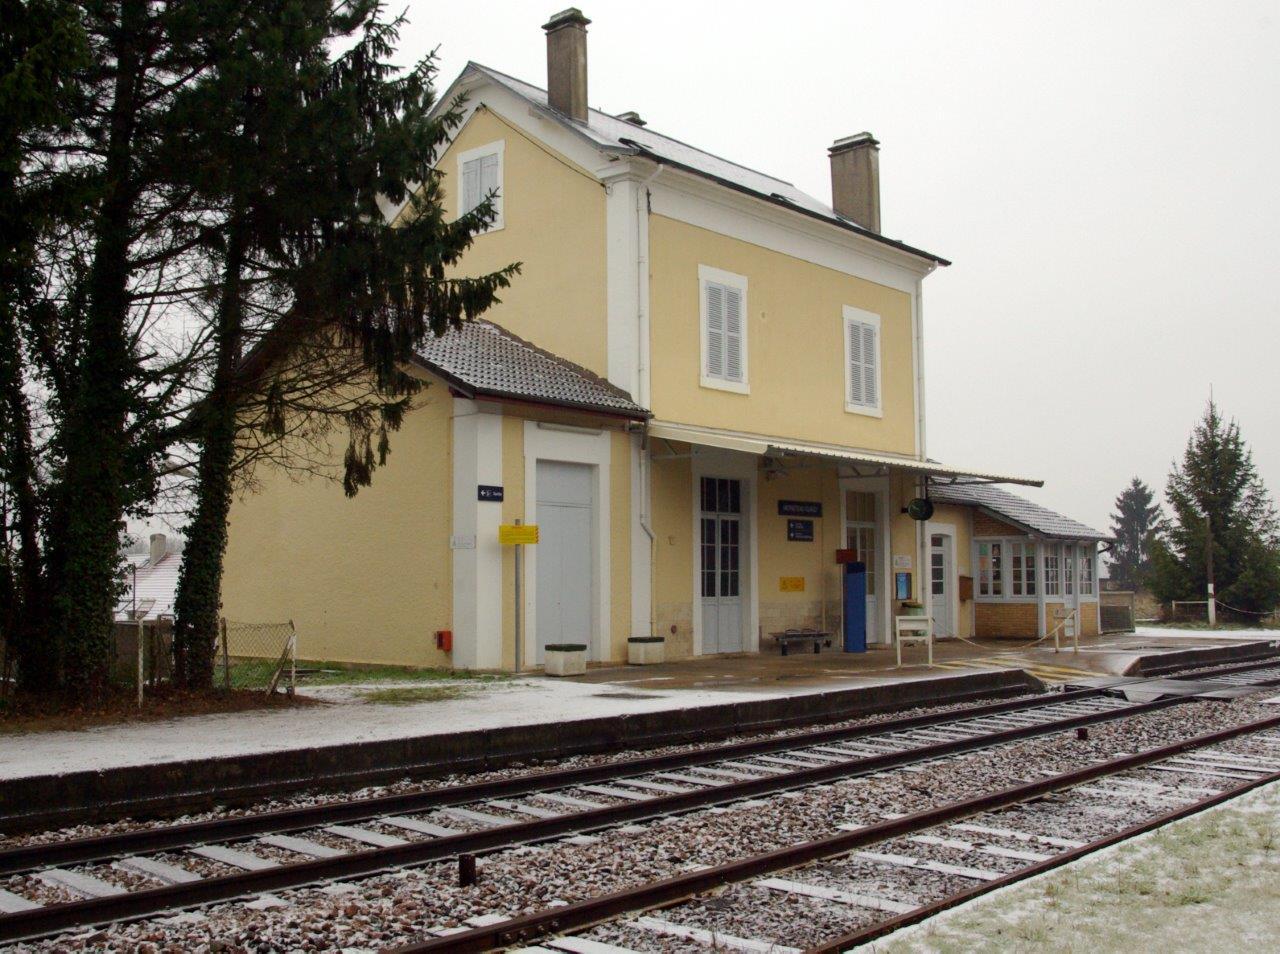 gare-de-moneteau-gurgy-train-station